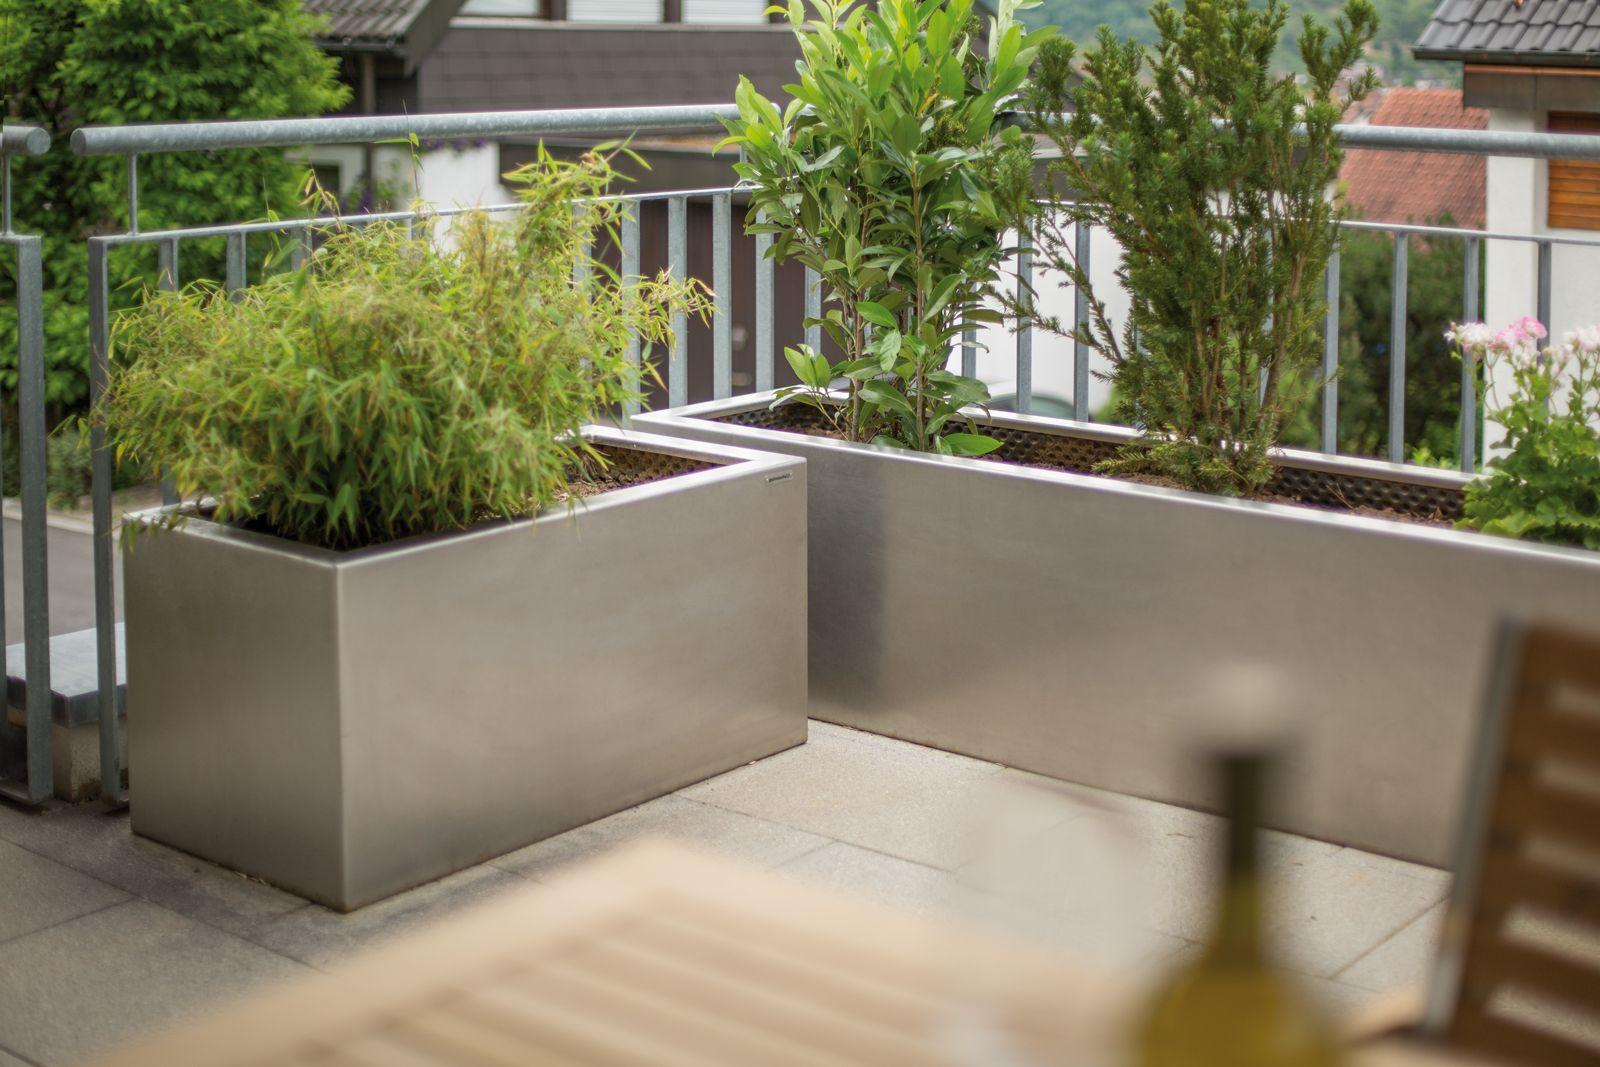 Terresta Pflanztrog Aus Edelstahl V4a Rotex Geschliffen Nach Muster Garten Hochbeet Gartengestaltung Hochbeet